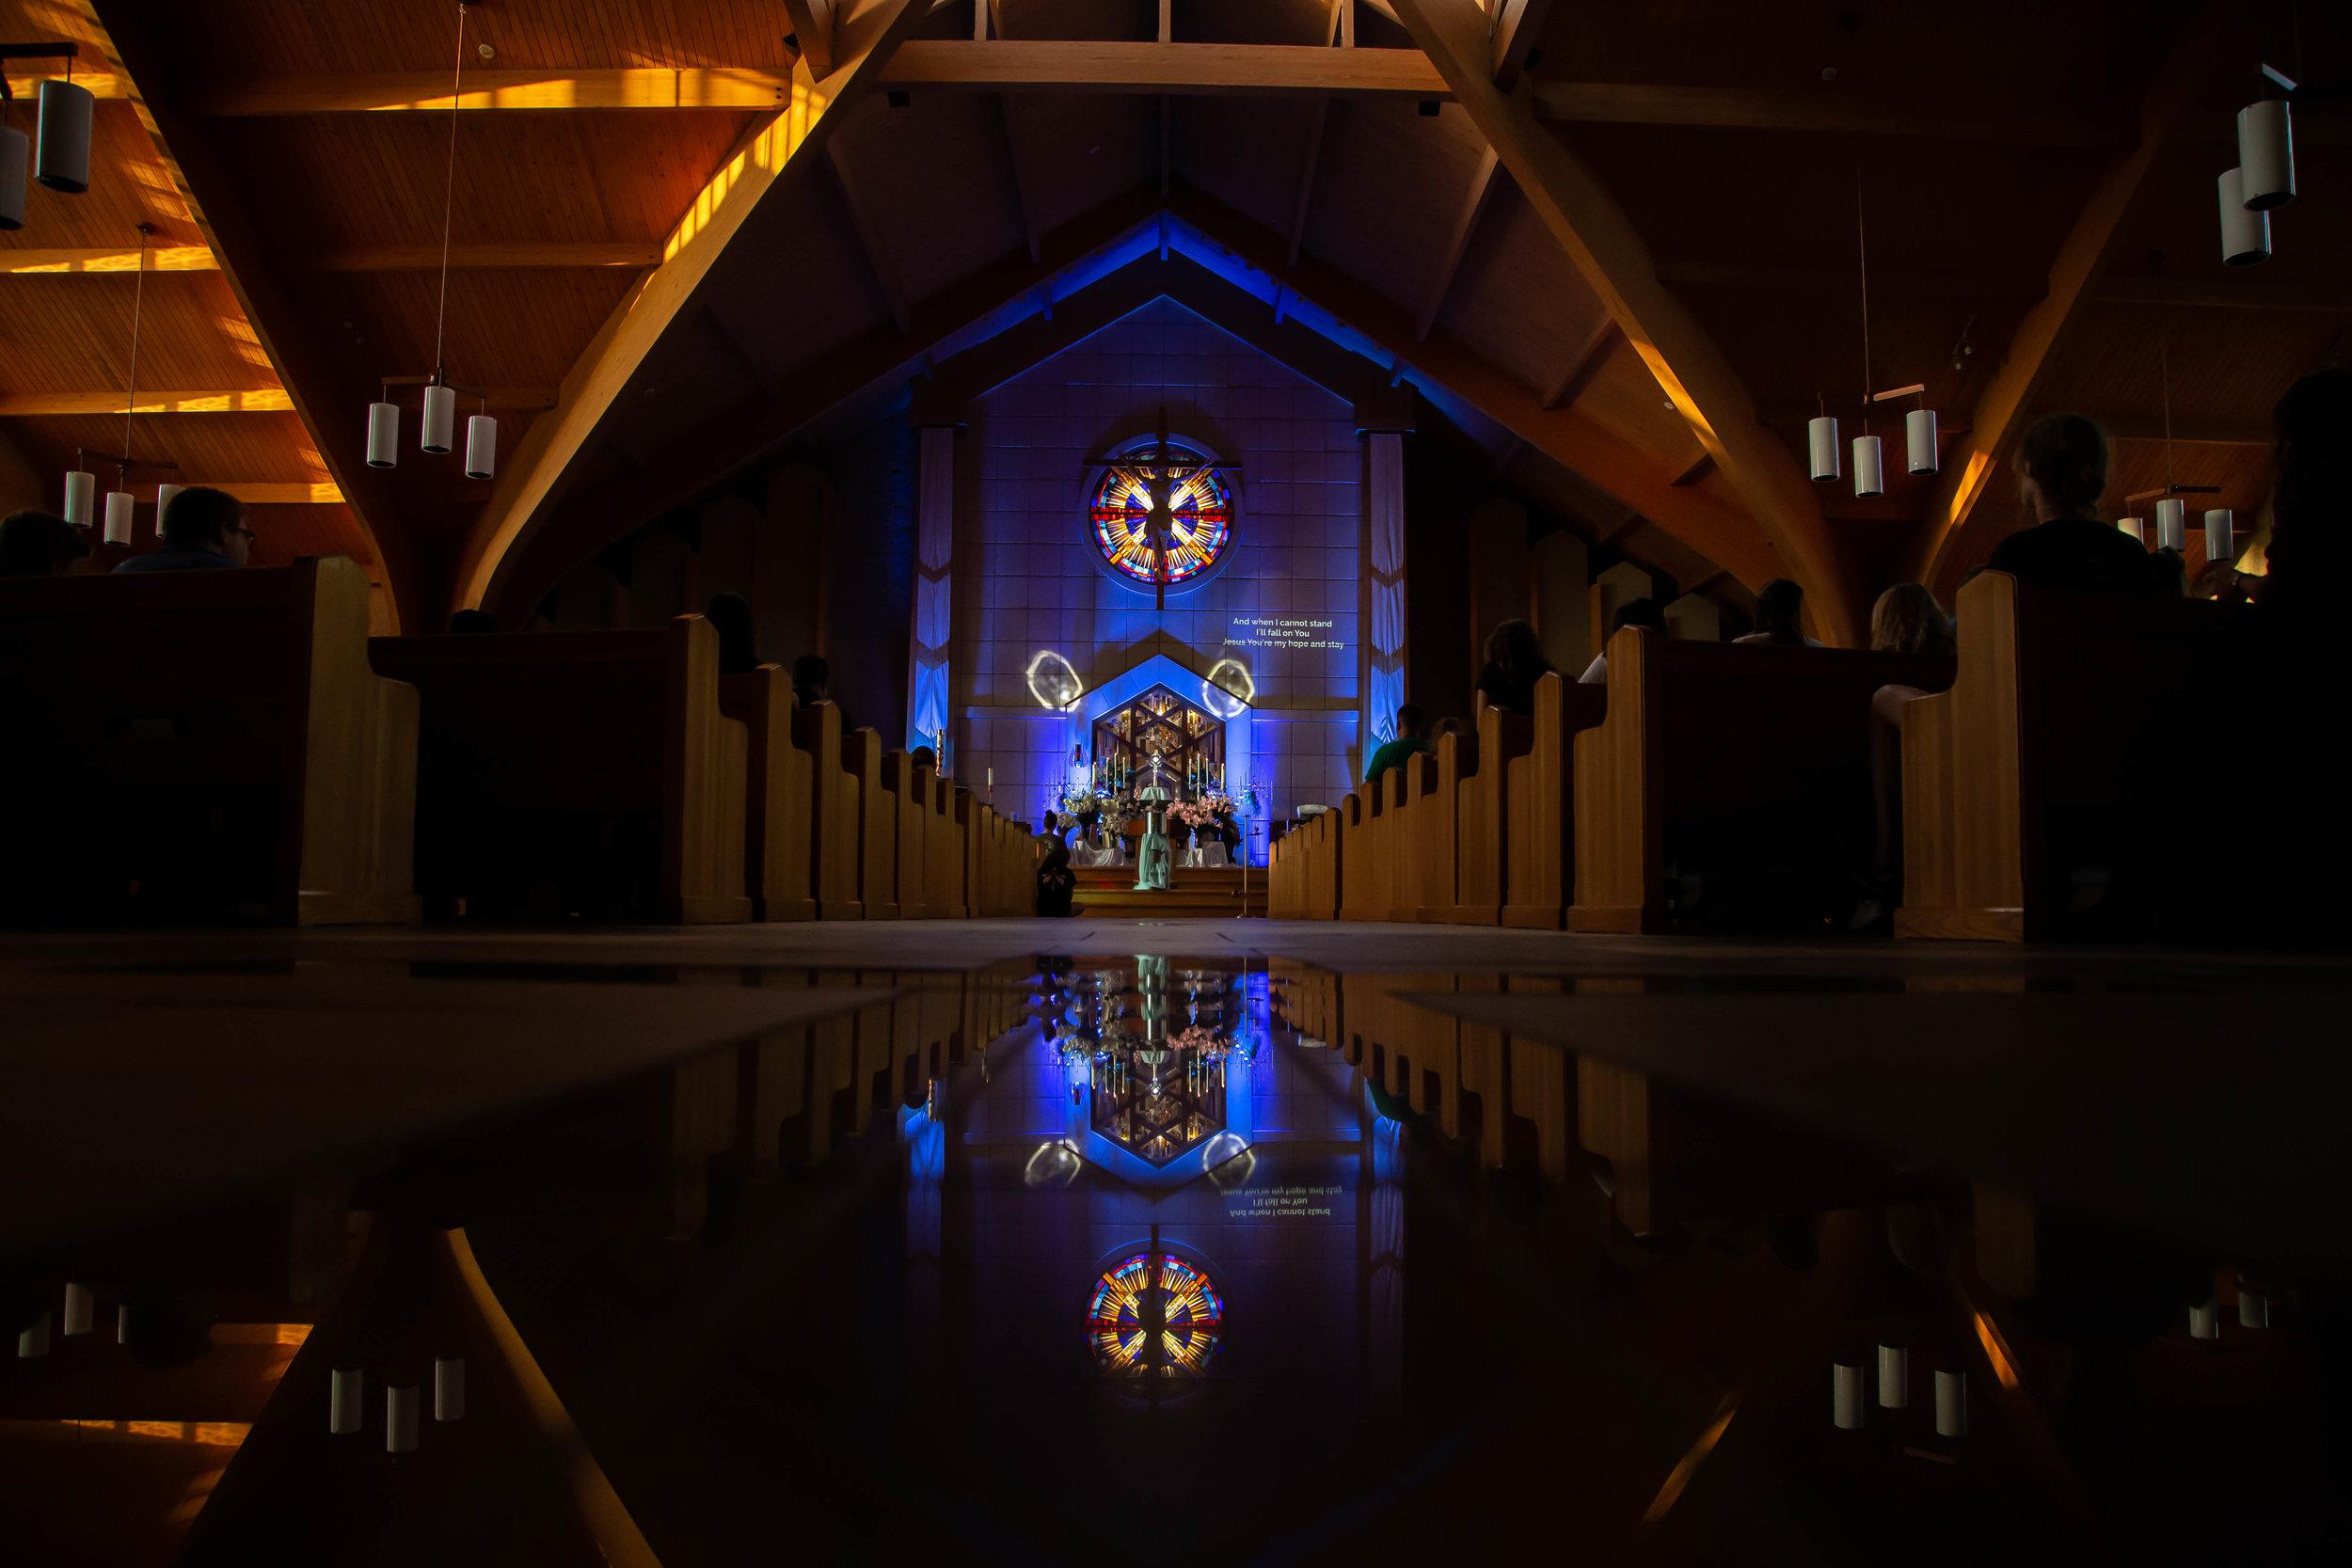 St. Elizabeth Ann Seton - Wichita, KS